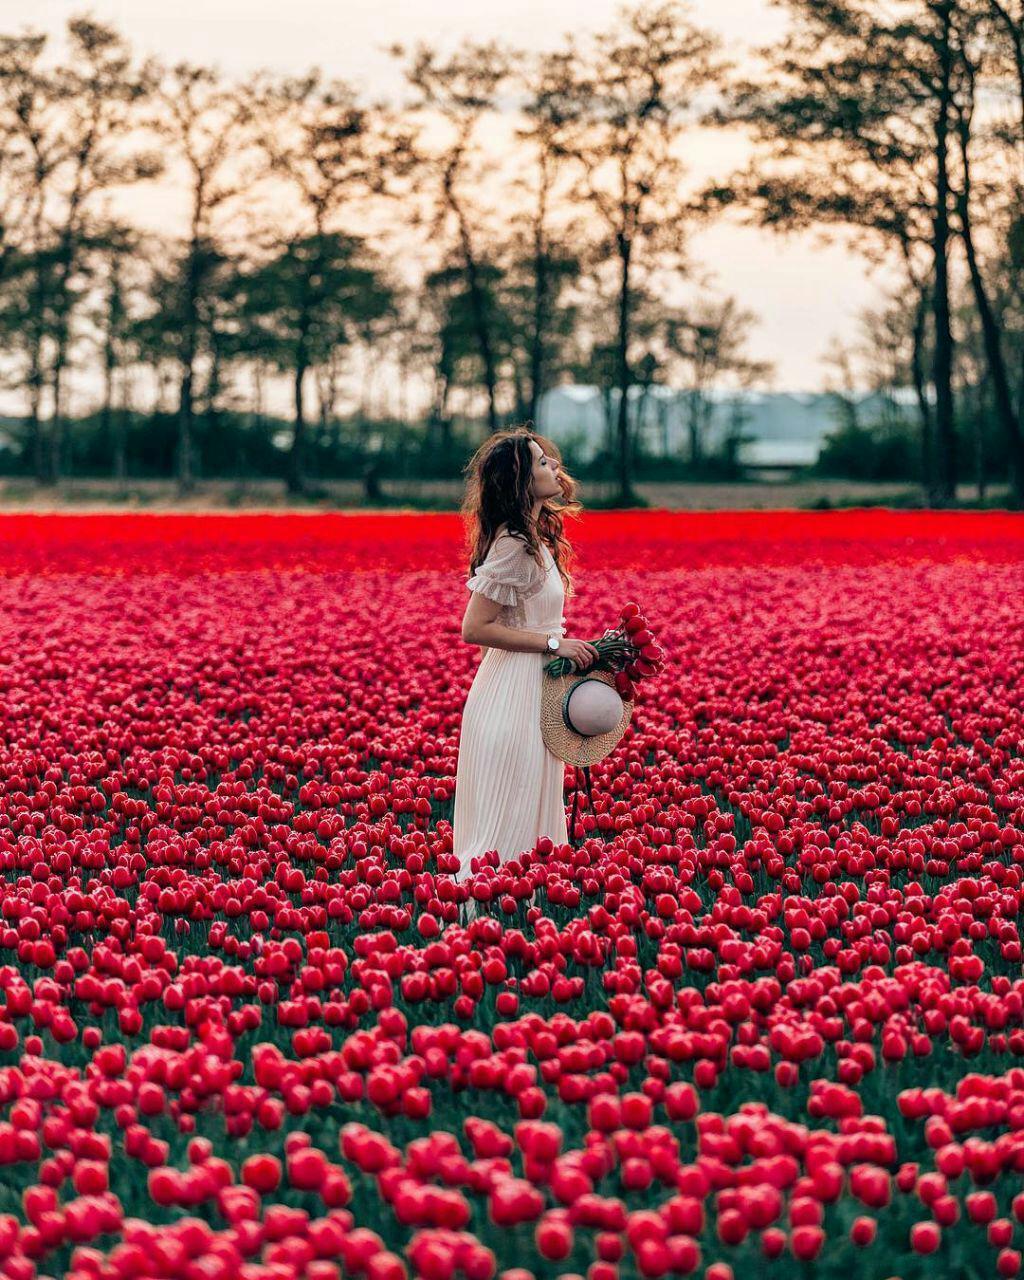 عکس زیبا دختر در میان گلها